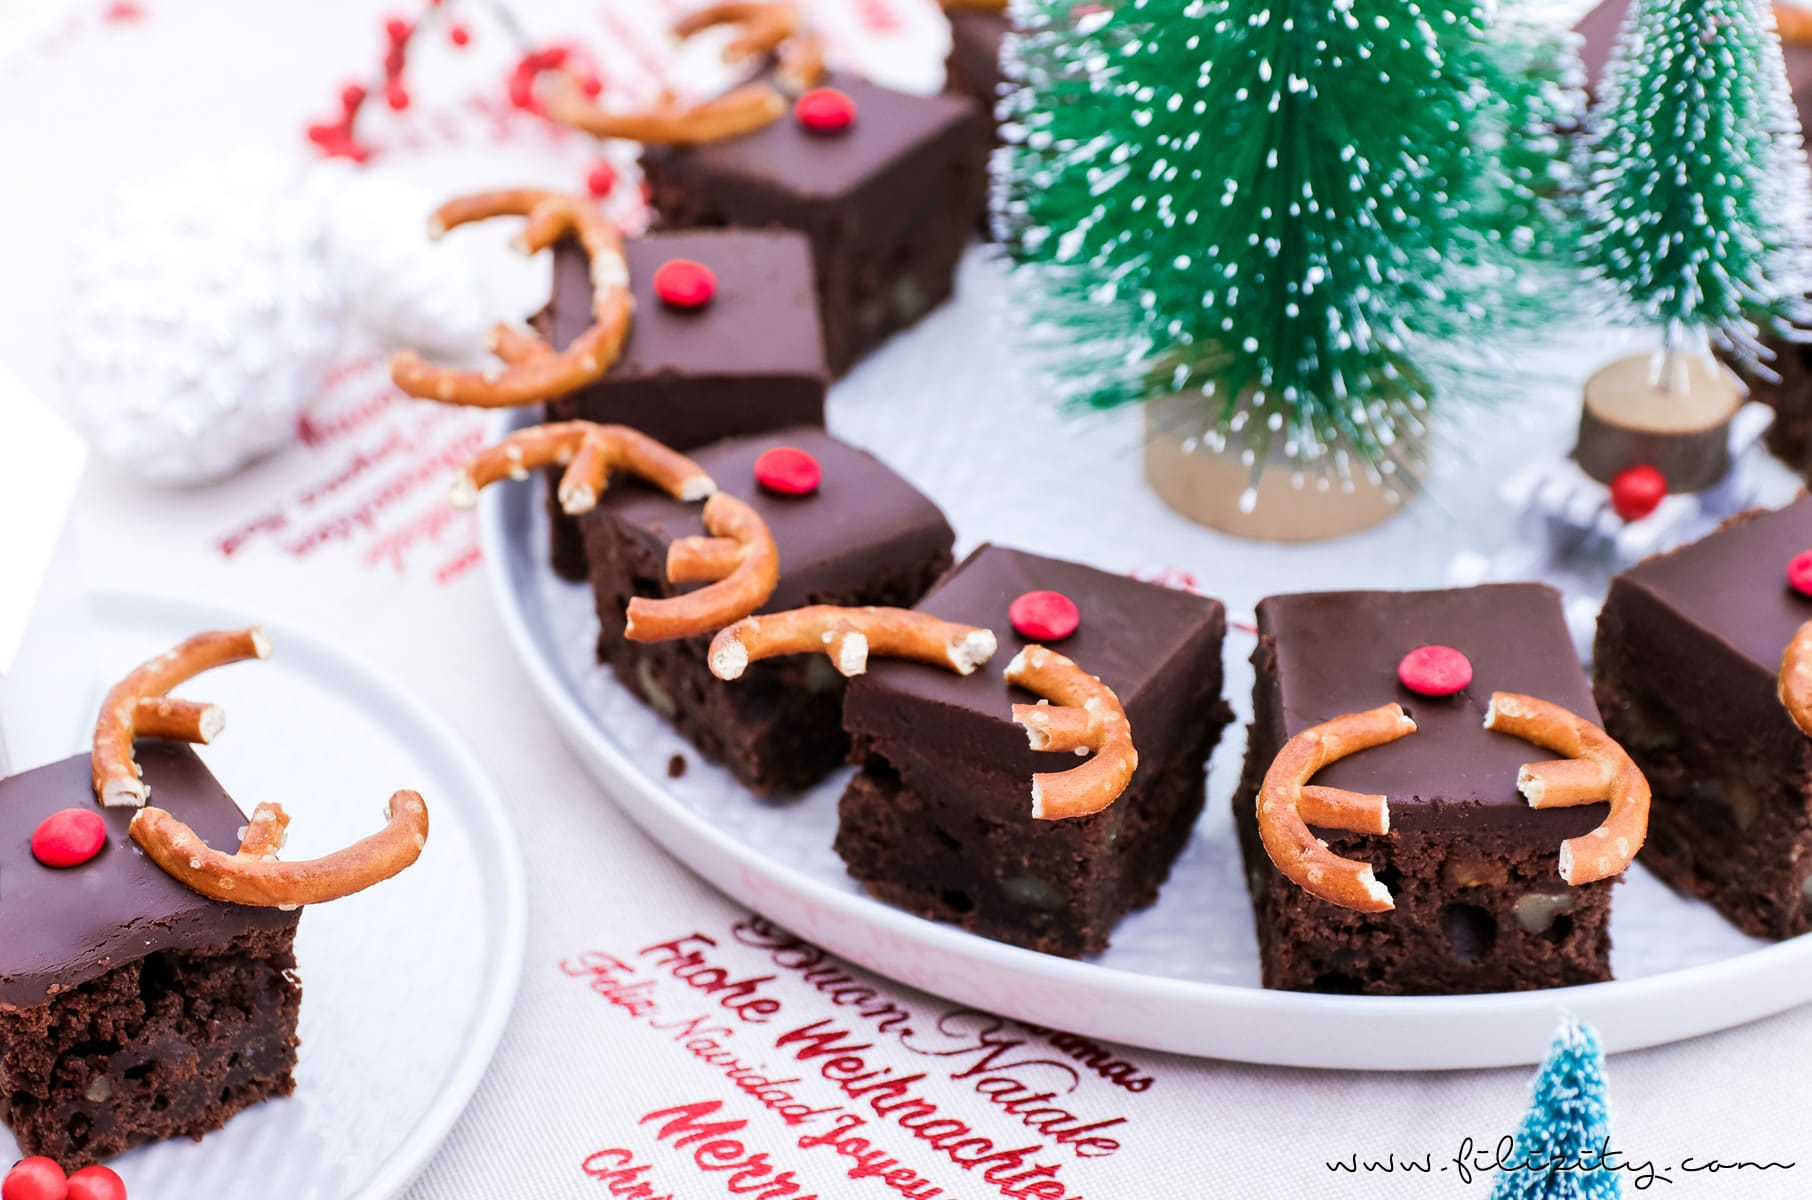 rudolph brownies lustiger weihnachts kuchen food blog aus dem rheinland. Black Bedroom Furniture Sets. Home Design Ideas